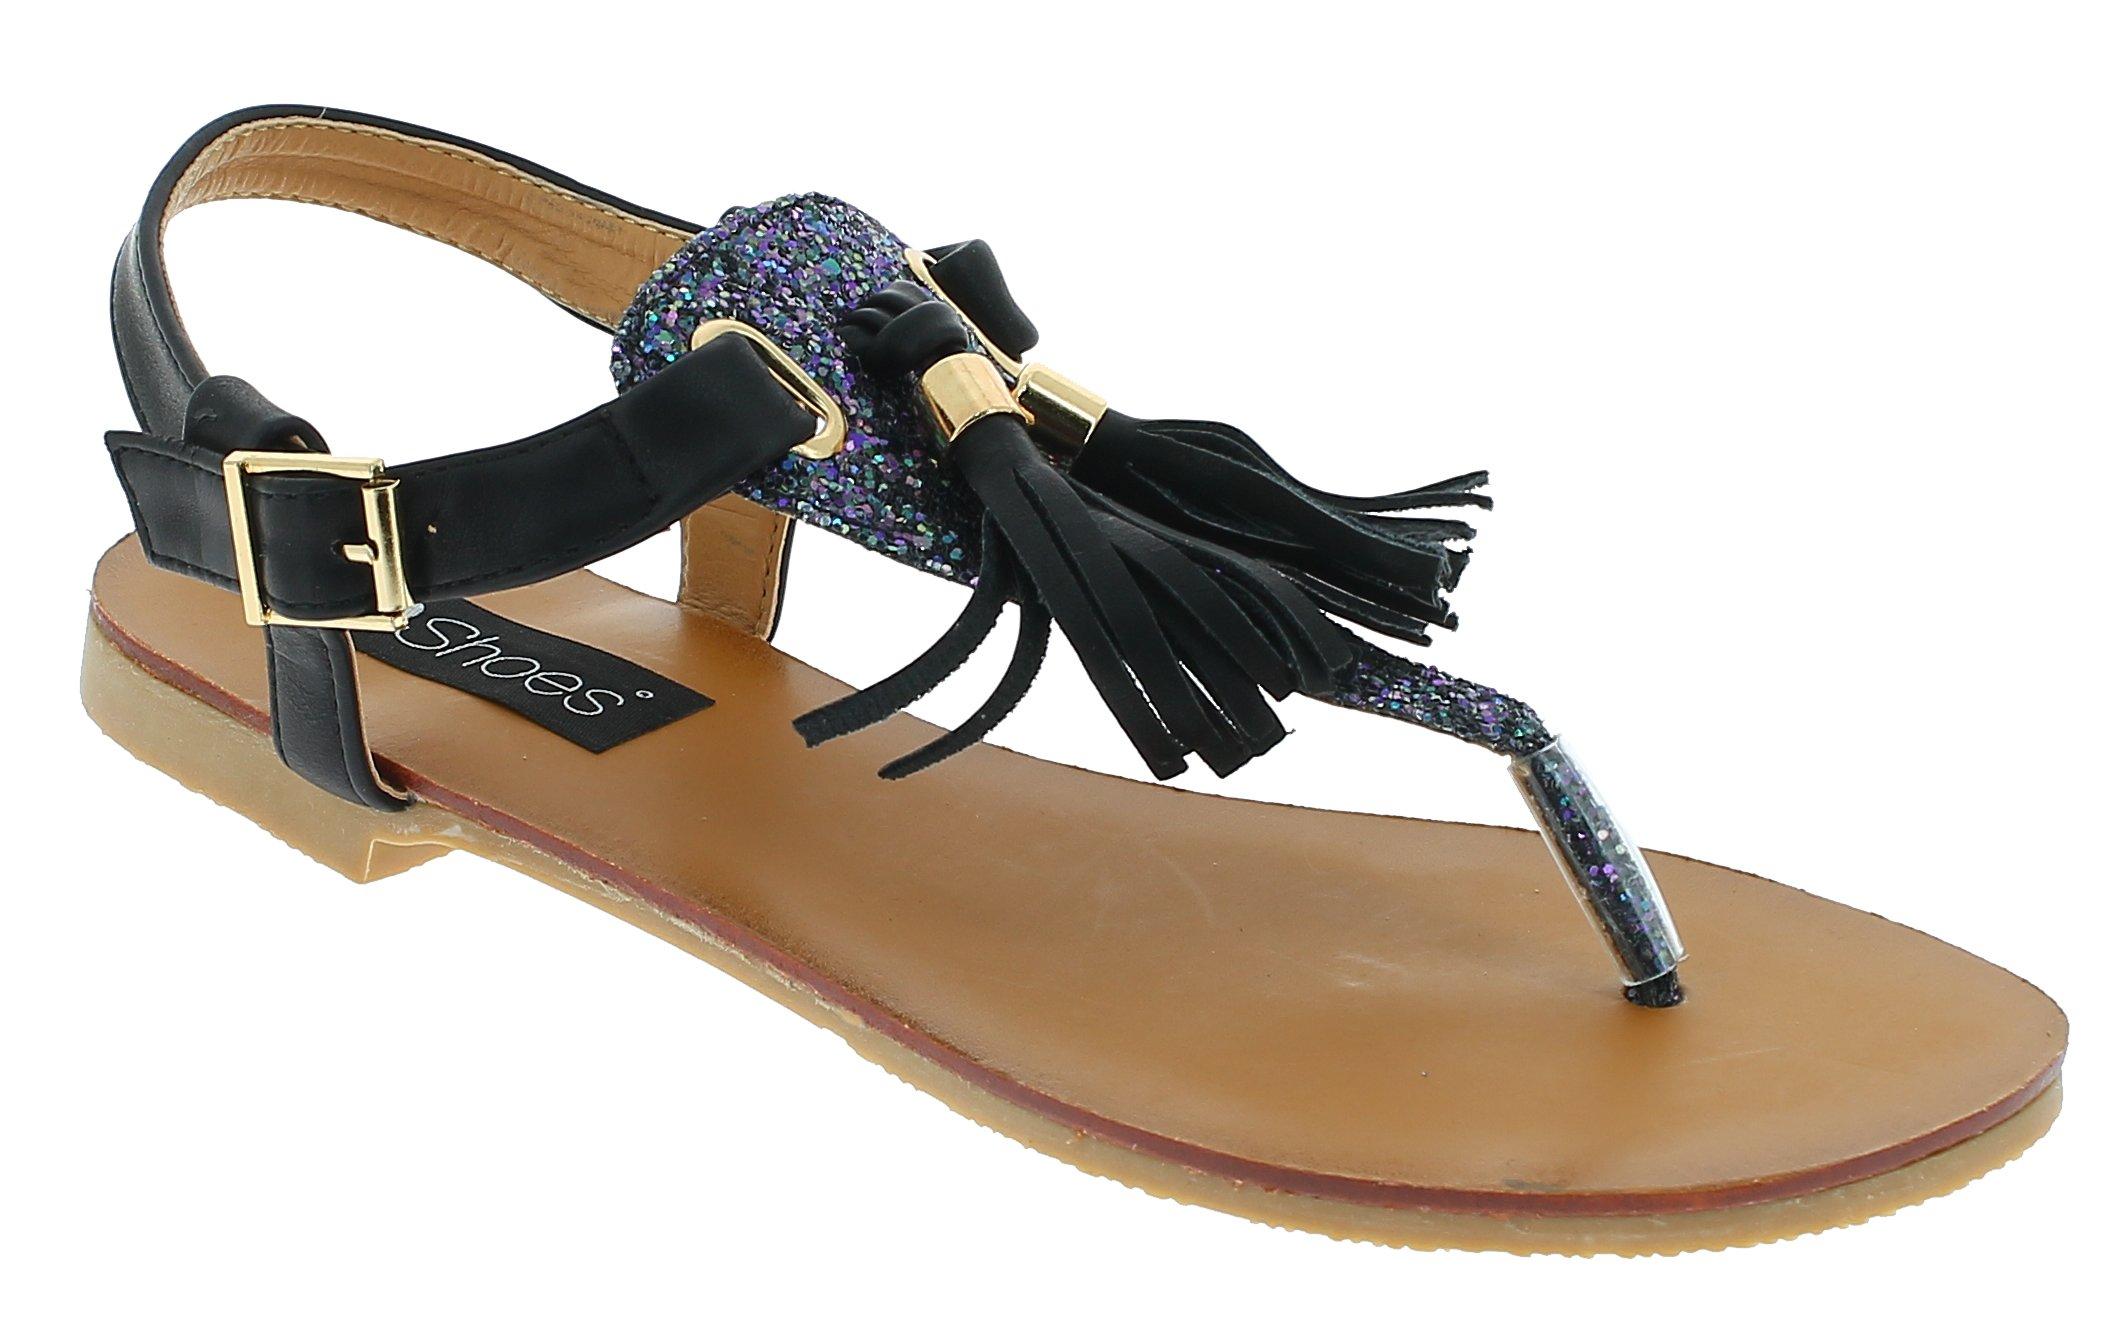 Πέδιλο Γυναικείο MY6711 Μαύρο - IqShoes - 18.MY6711 BLACK-36/1/15/7 παπούτσια  προσφορεσ